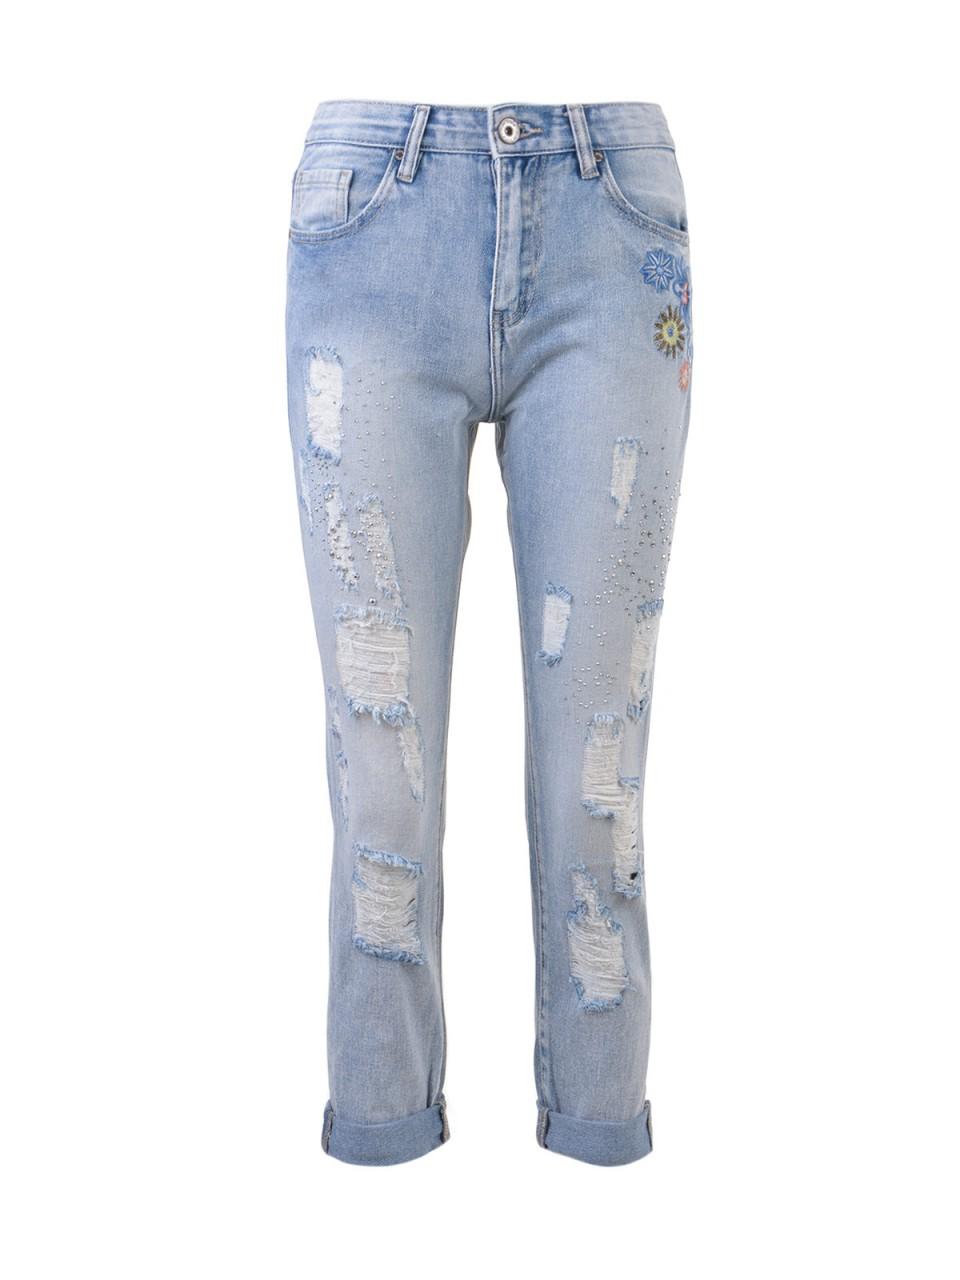 Hosen für Frauen - 3D DENIM Damen Jeans, blau  - Onlineshop Designermode.com